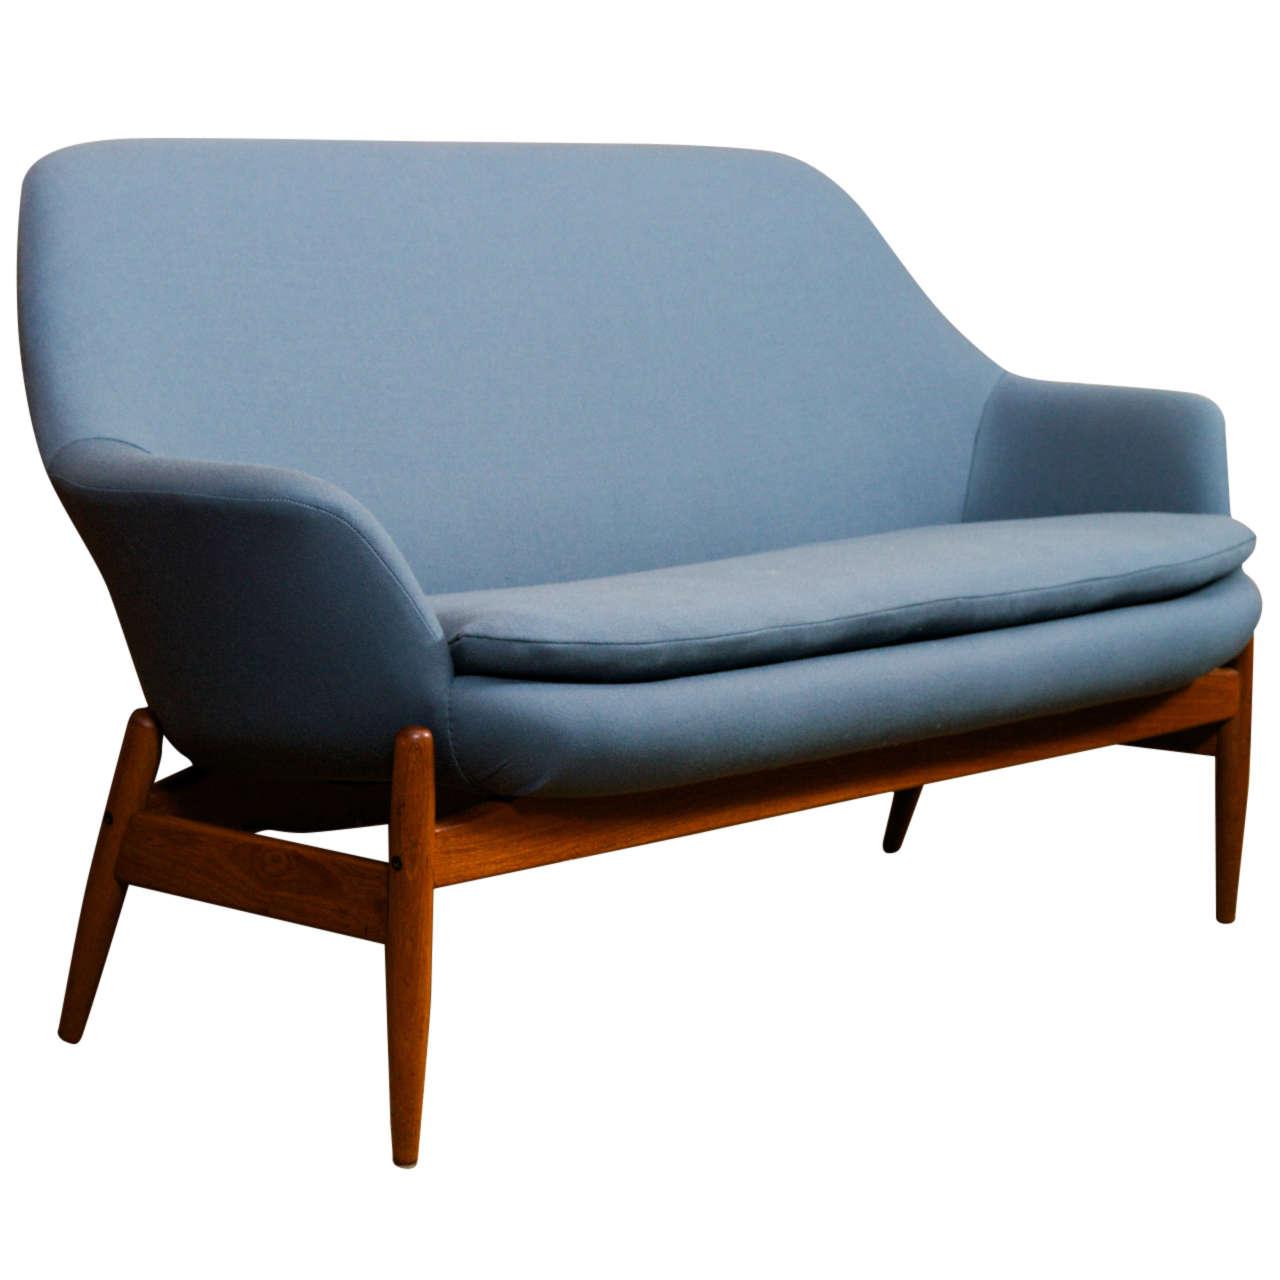 Xjpg for Danish modern settee